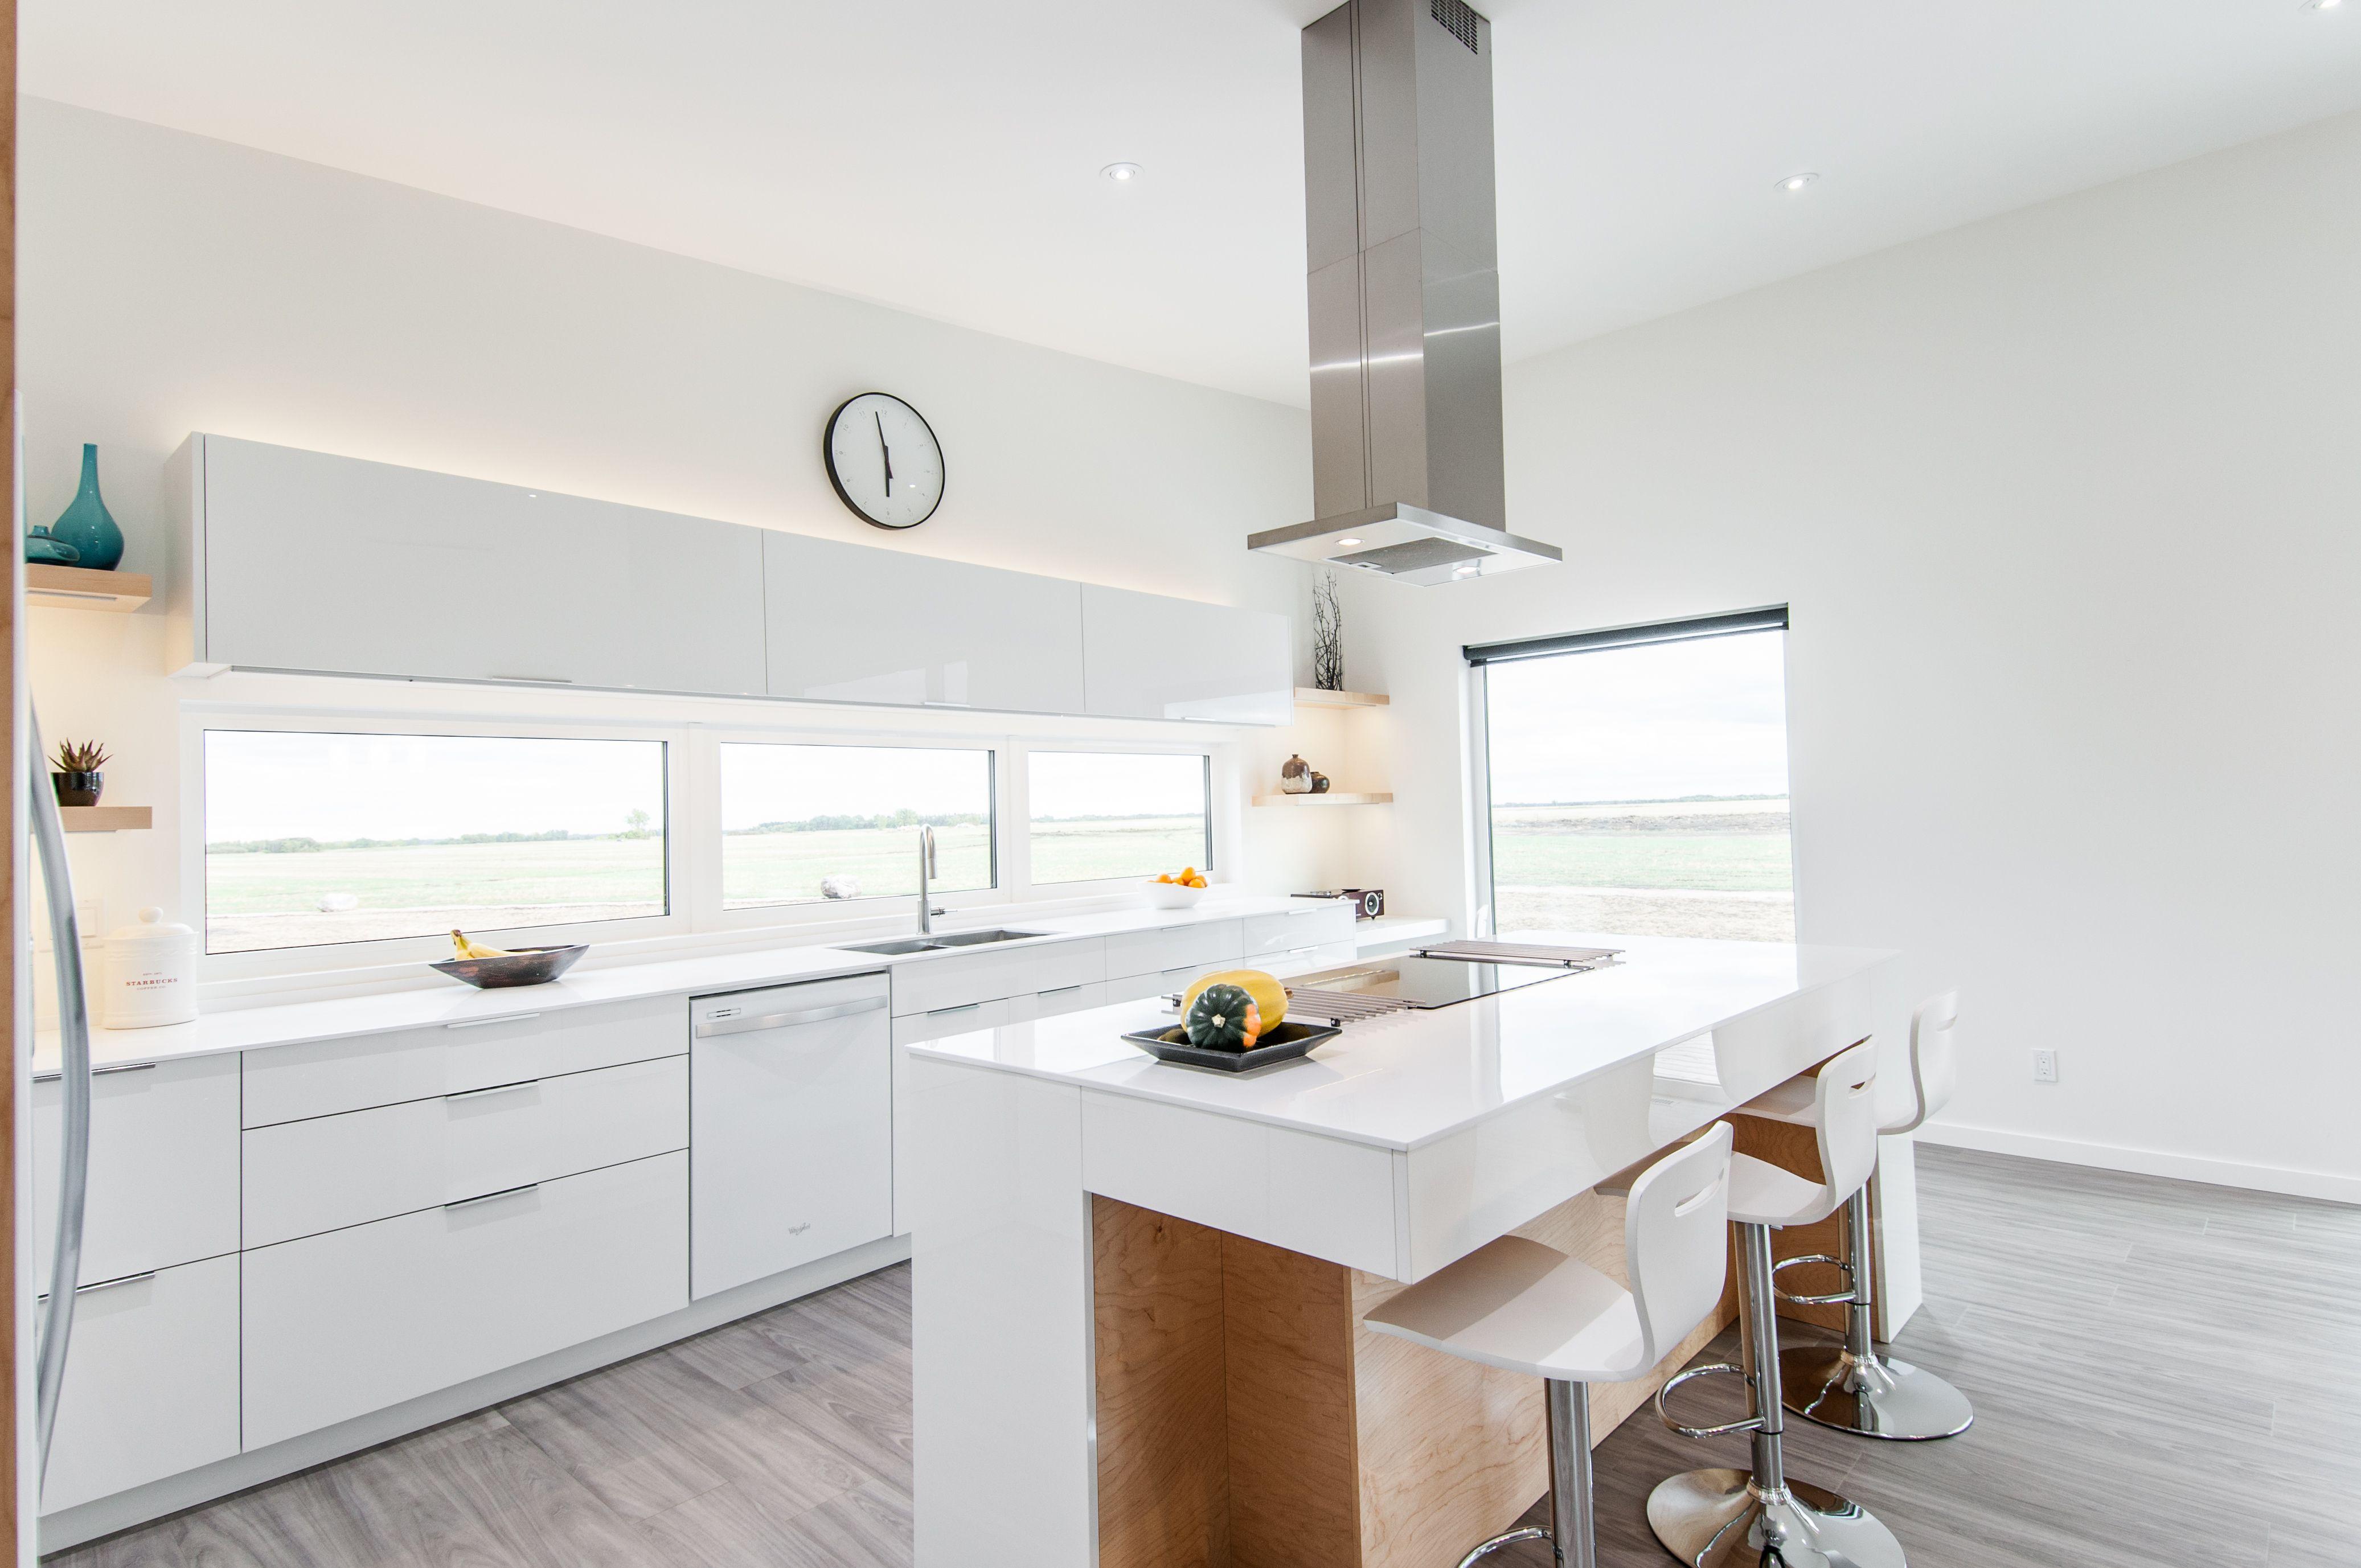 Contemporary Kitchen Windows Pictures - Best Kitchen Ideas - i ...